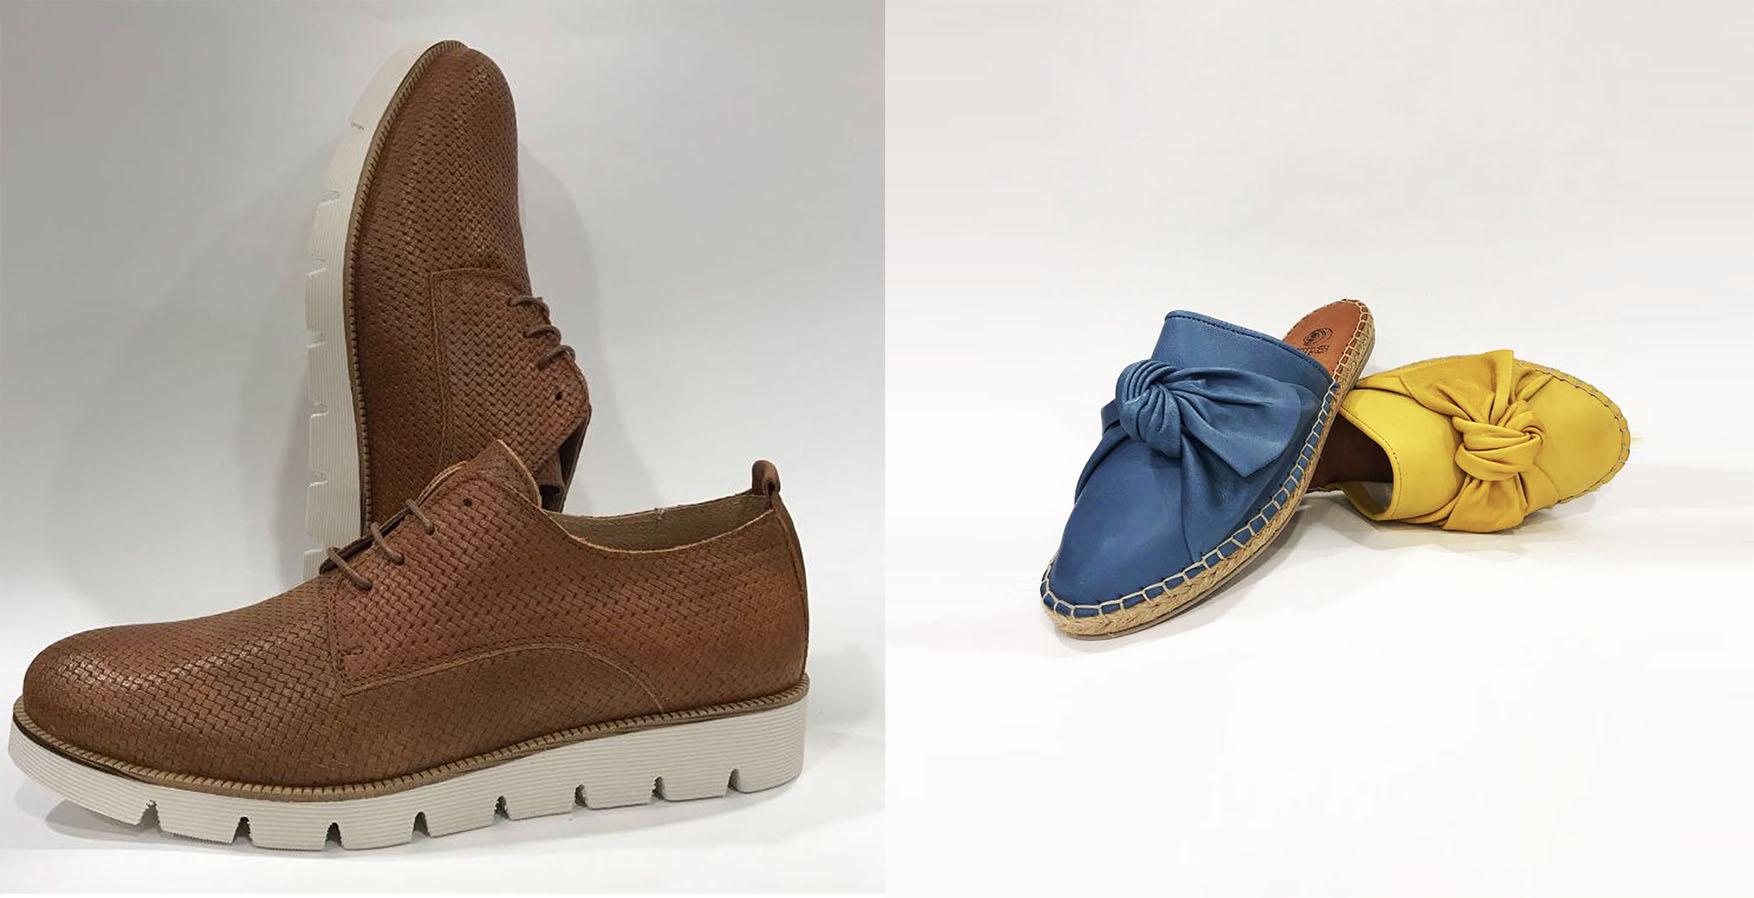 4eb5afaedfdd6 14 tendencias de calzado que se van a llevar en 2018